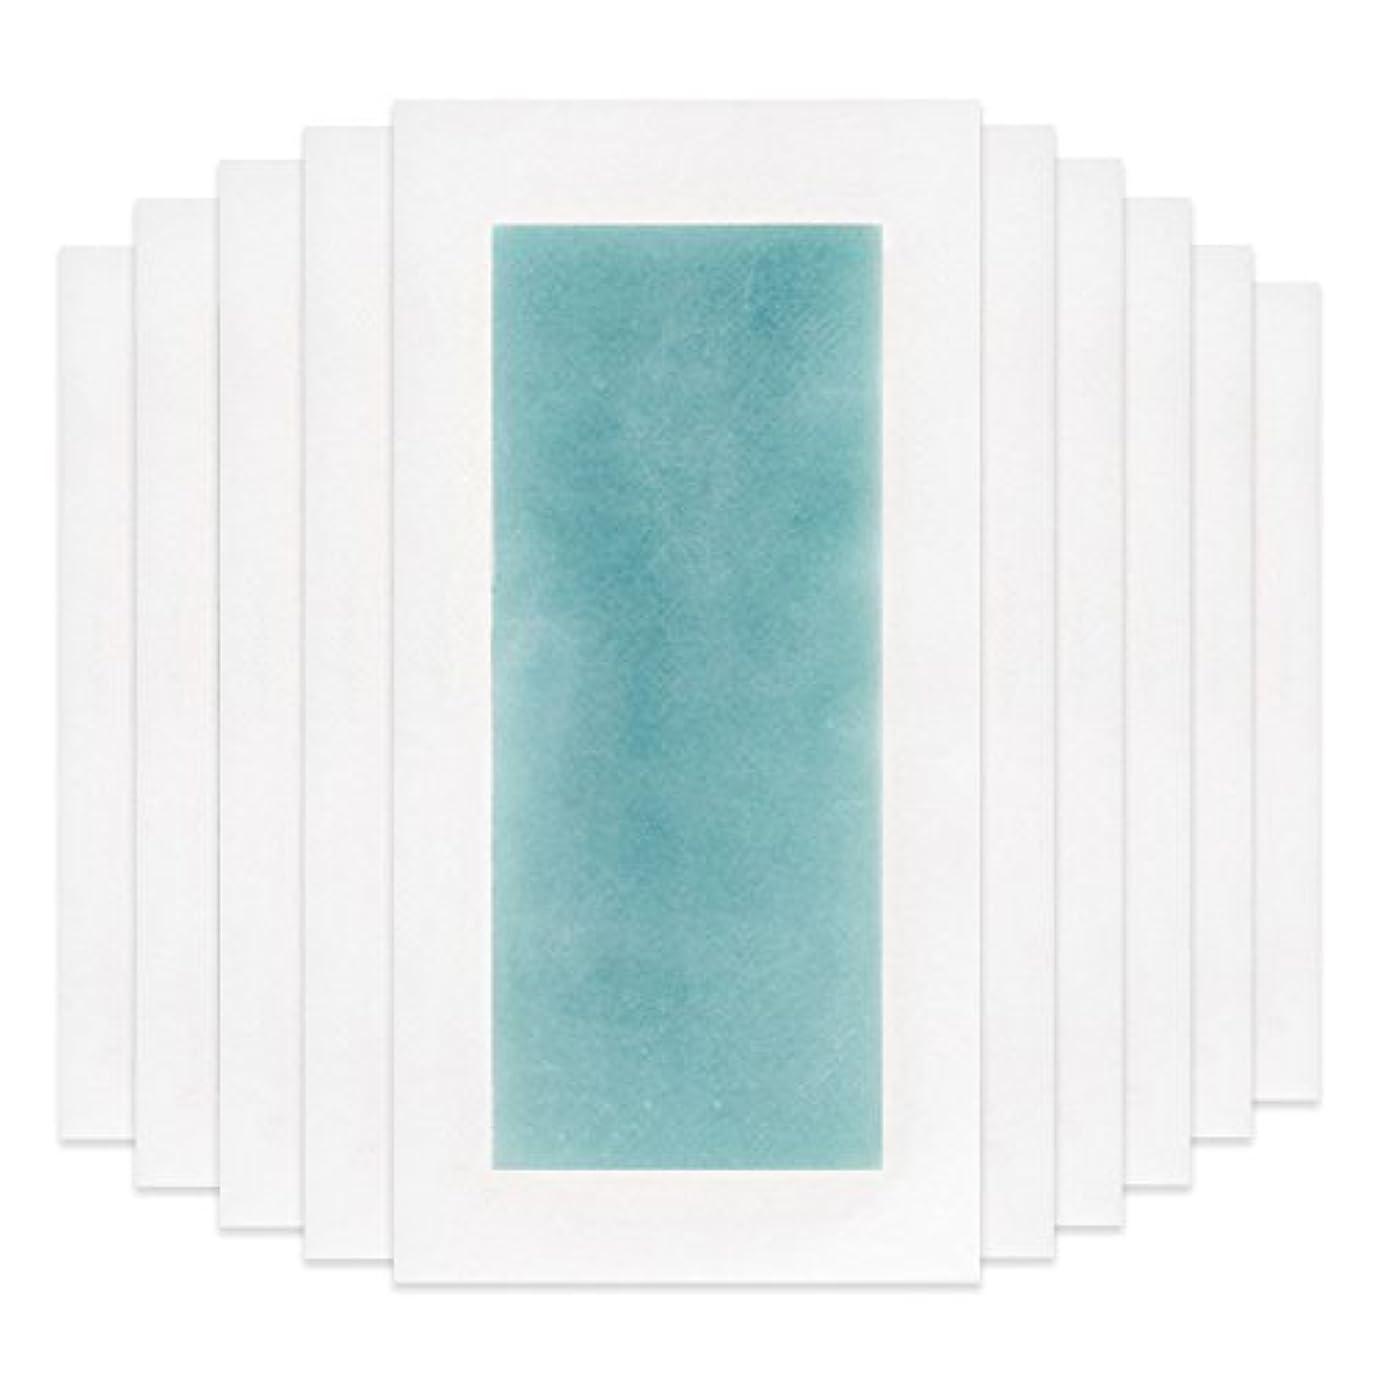 対処するつば同様にRaiFu 脱毛 コールド ワックス ストリップ 紙 脱毛紙 プロフェッショナル 夏の脱毛 ダブル サイド ボディ除毛 10個 ブルー